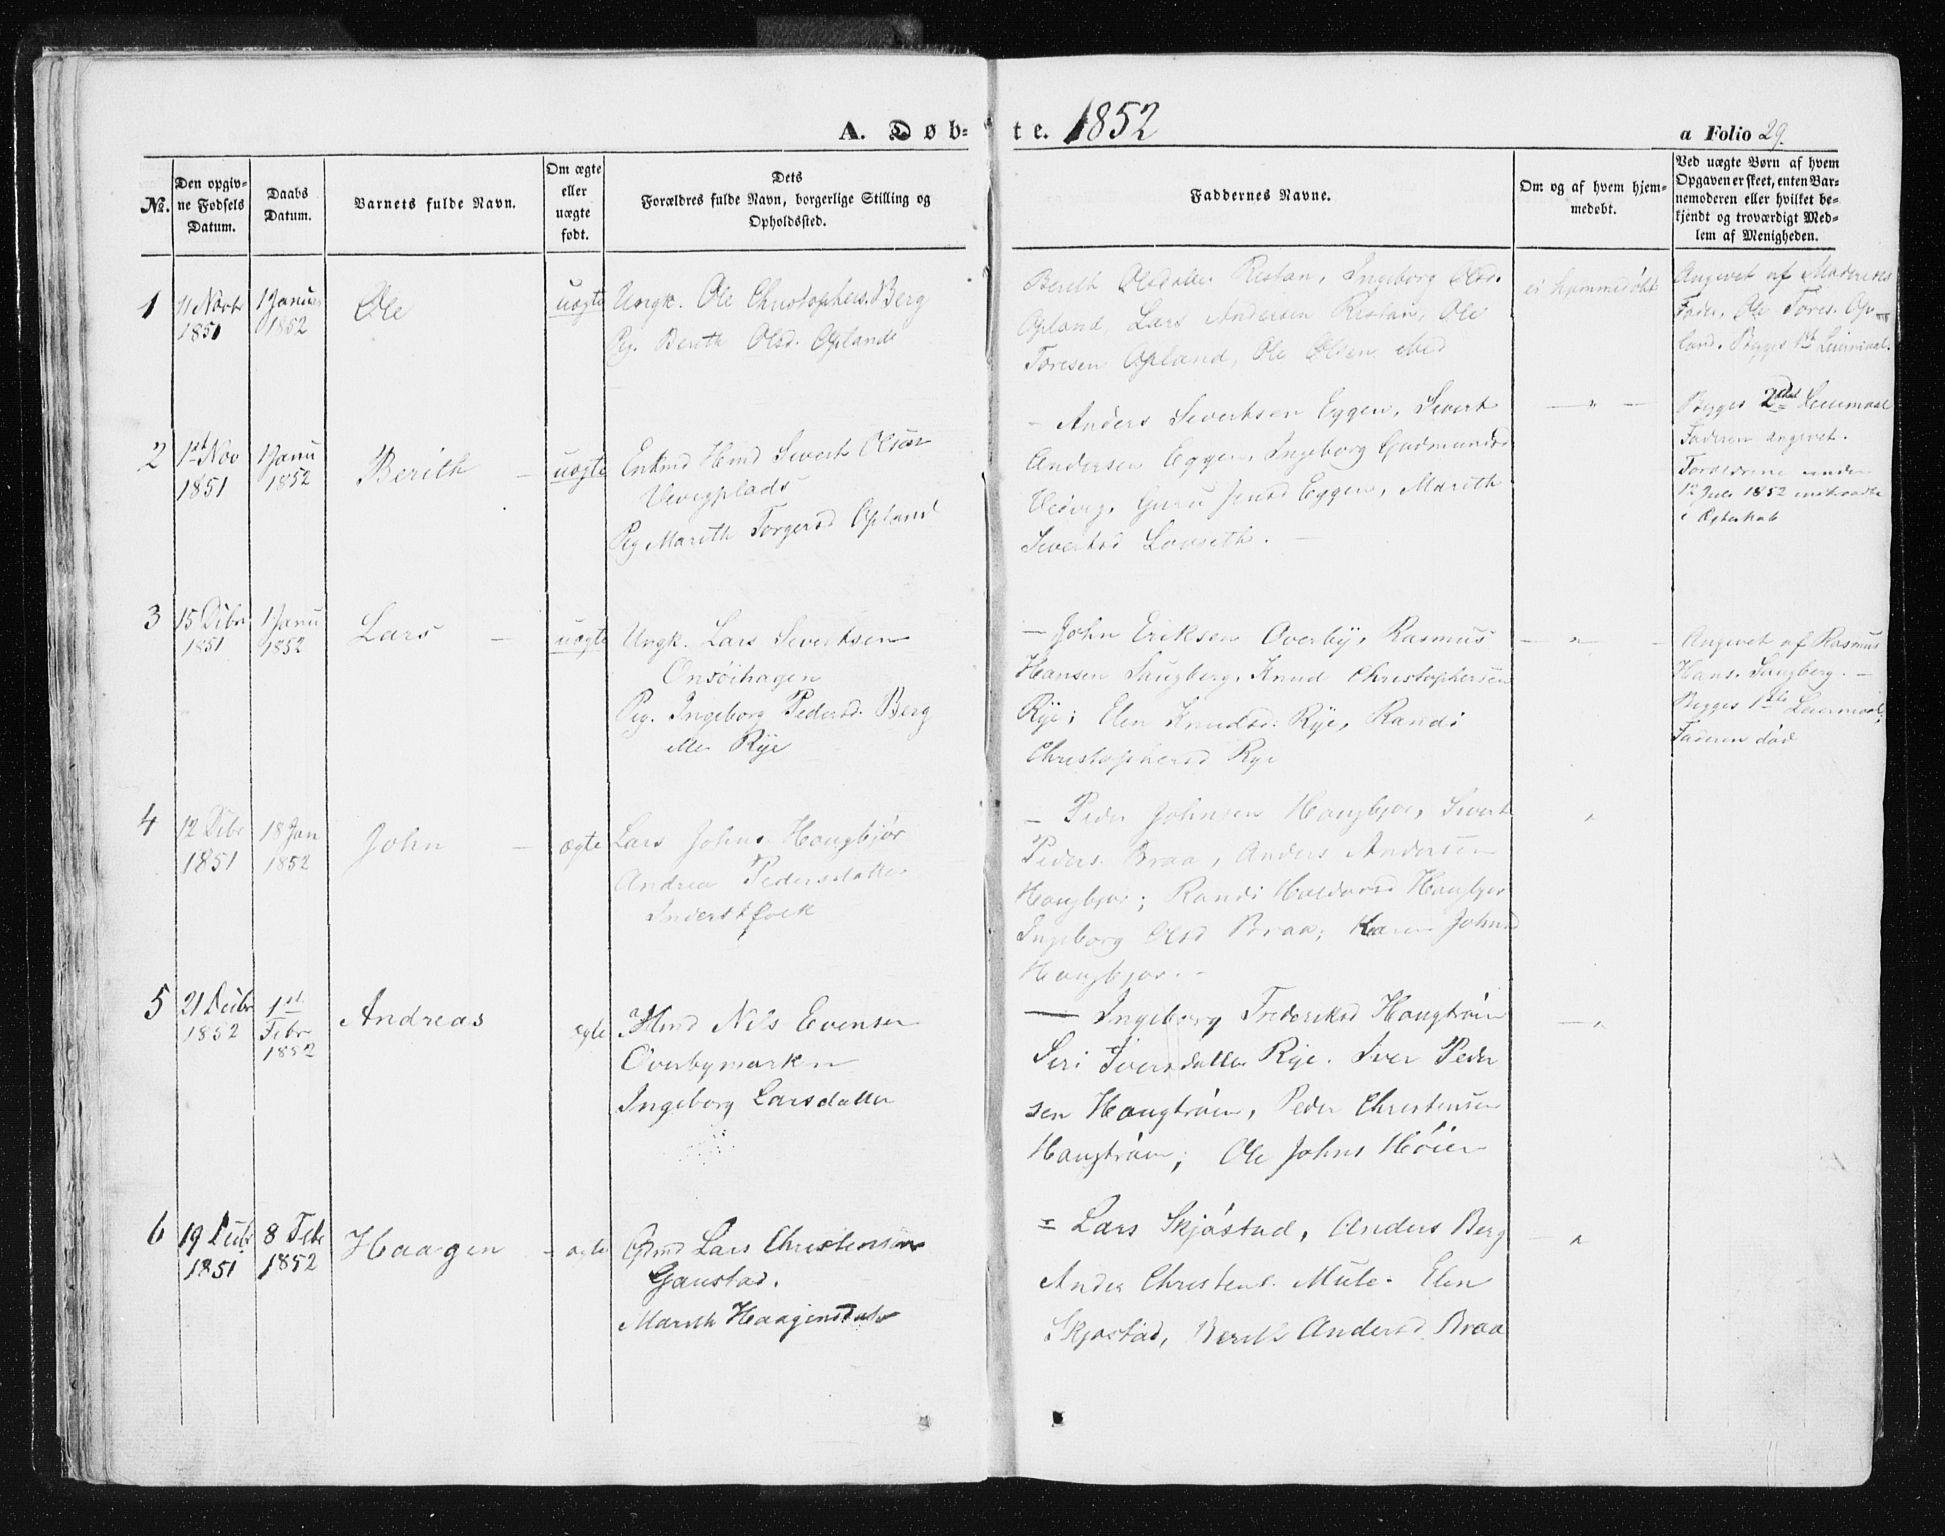 SAT, Ministerialprotokoller, klokkerbøker og fødselsregistre - Sør-Trøndelag, 612/L0376: Ministerialbok nr. 612A08, 1846-1859, s. 29